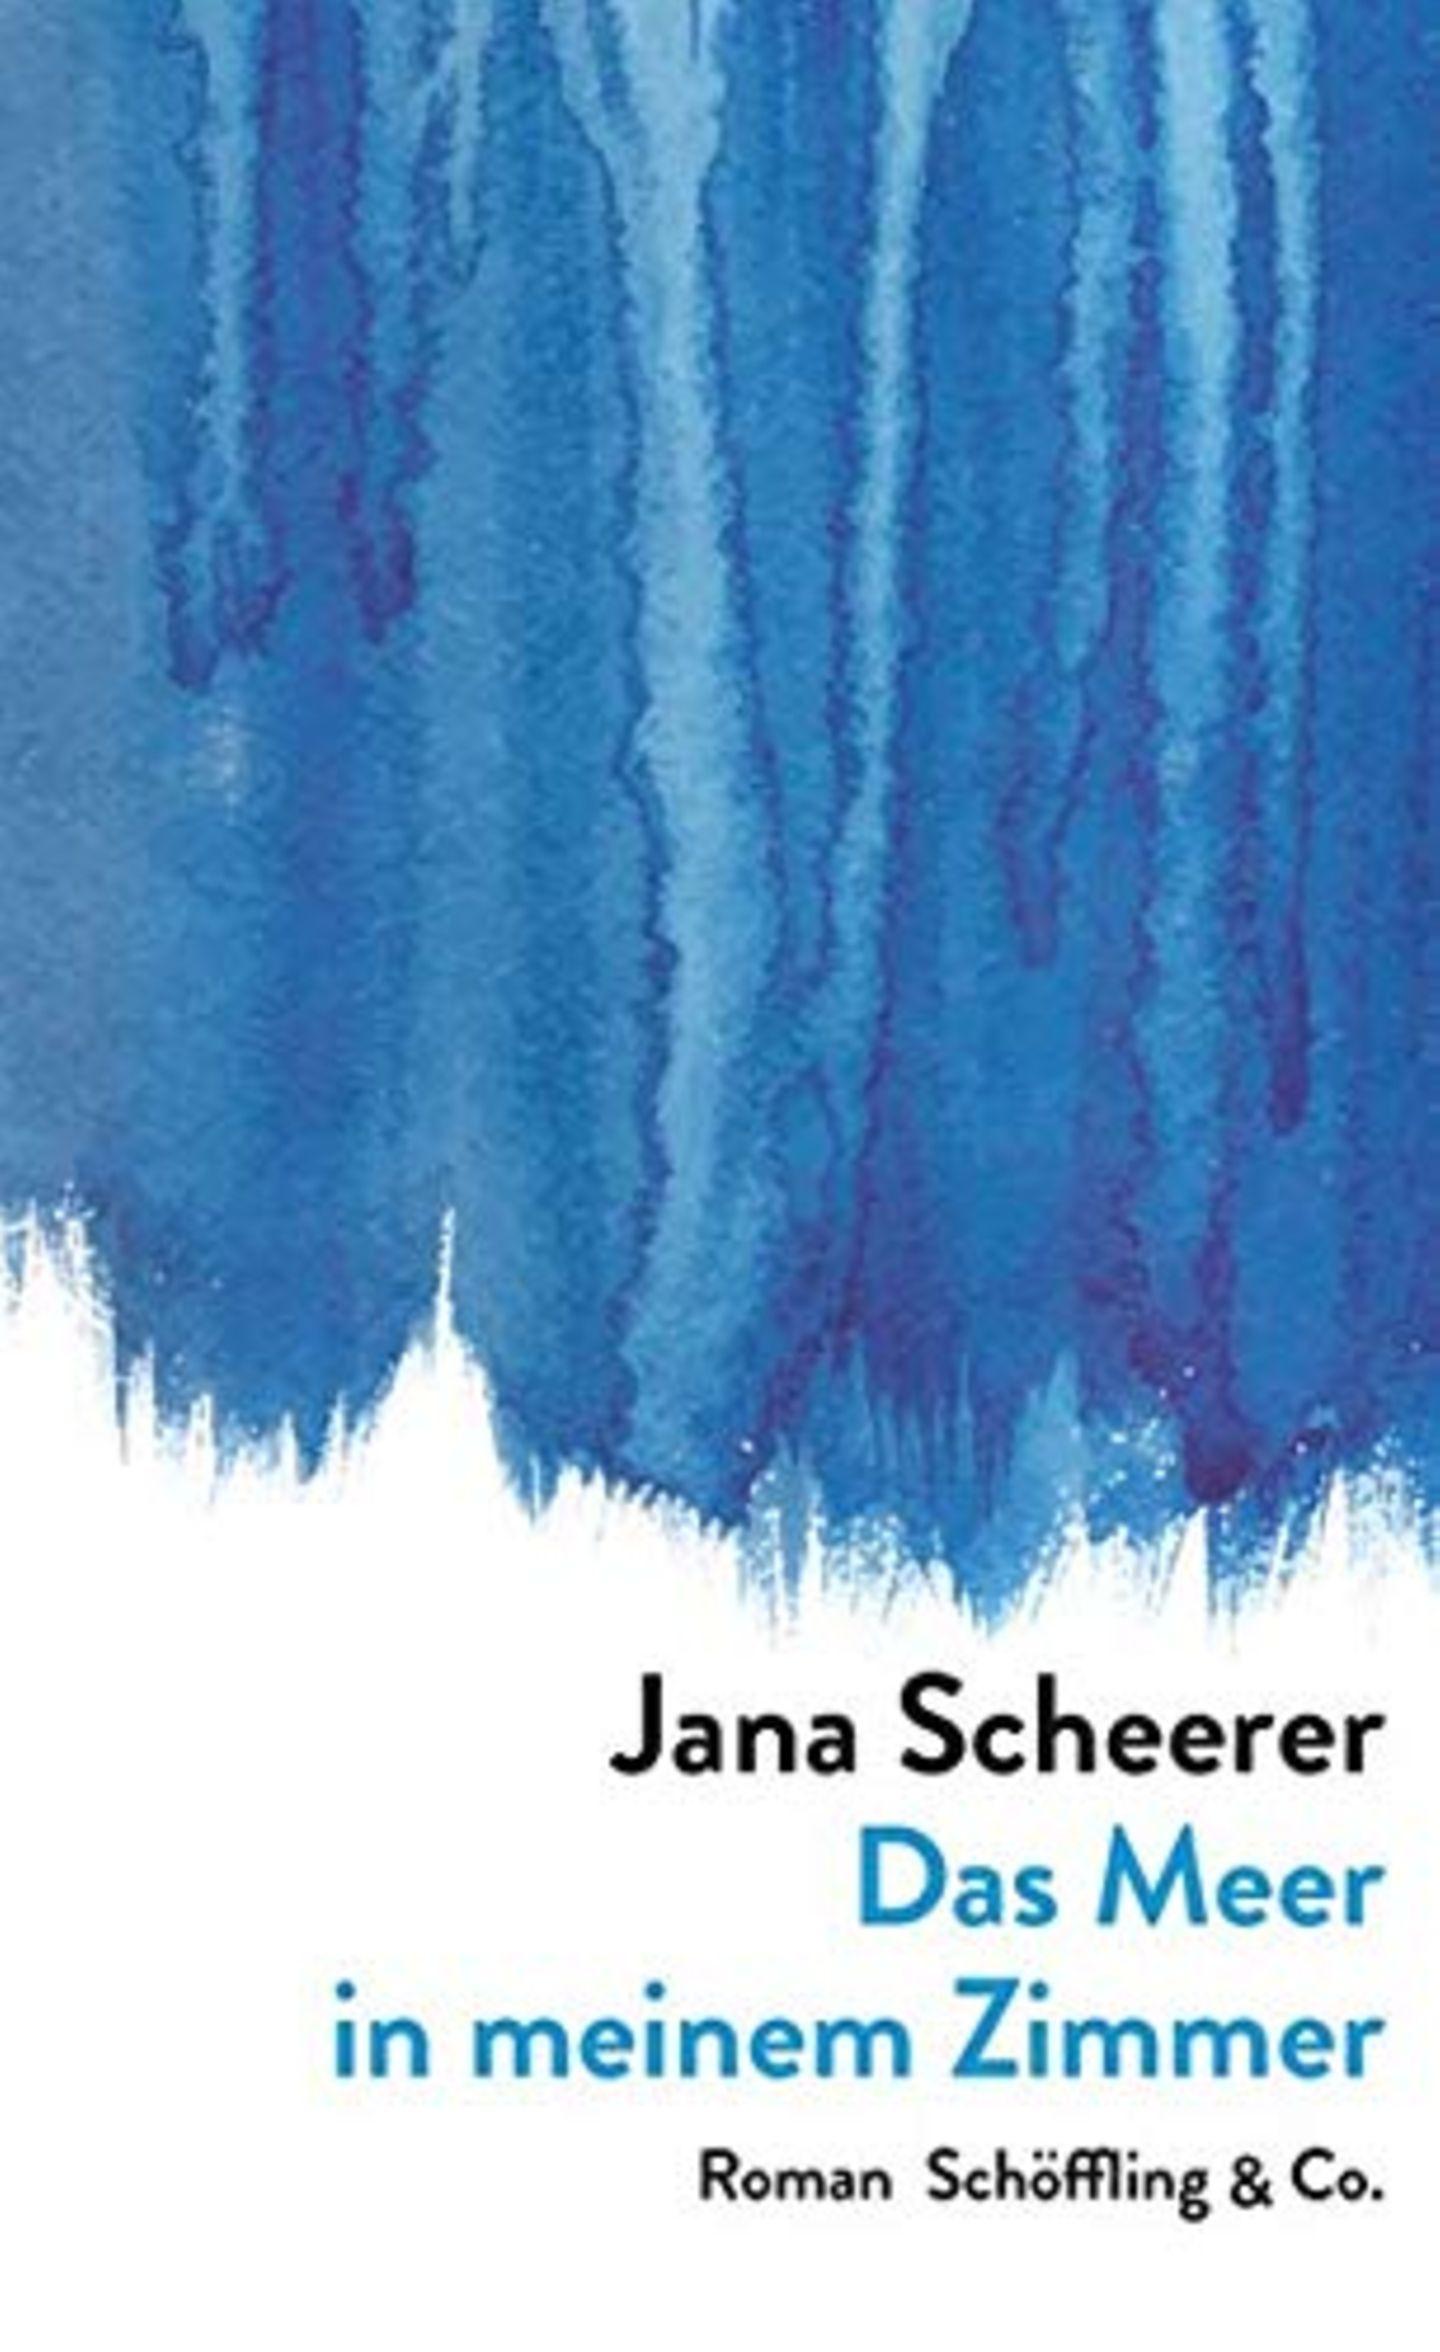 Das Meer in meinem Zimmer von Jana Scheerer